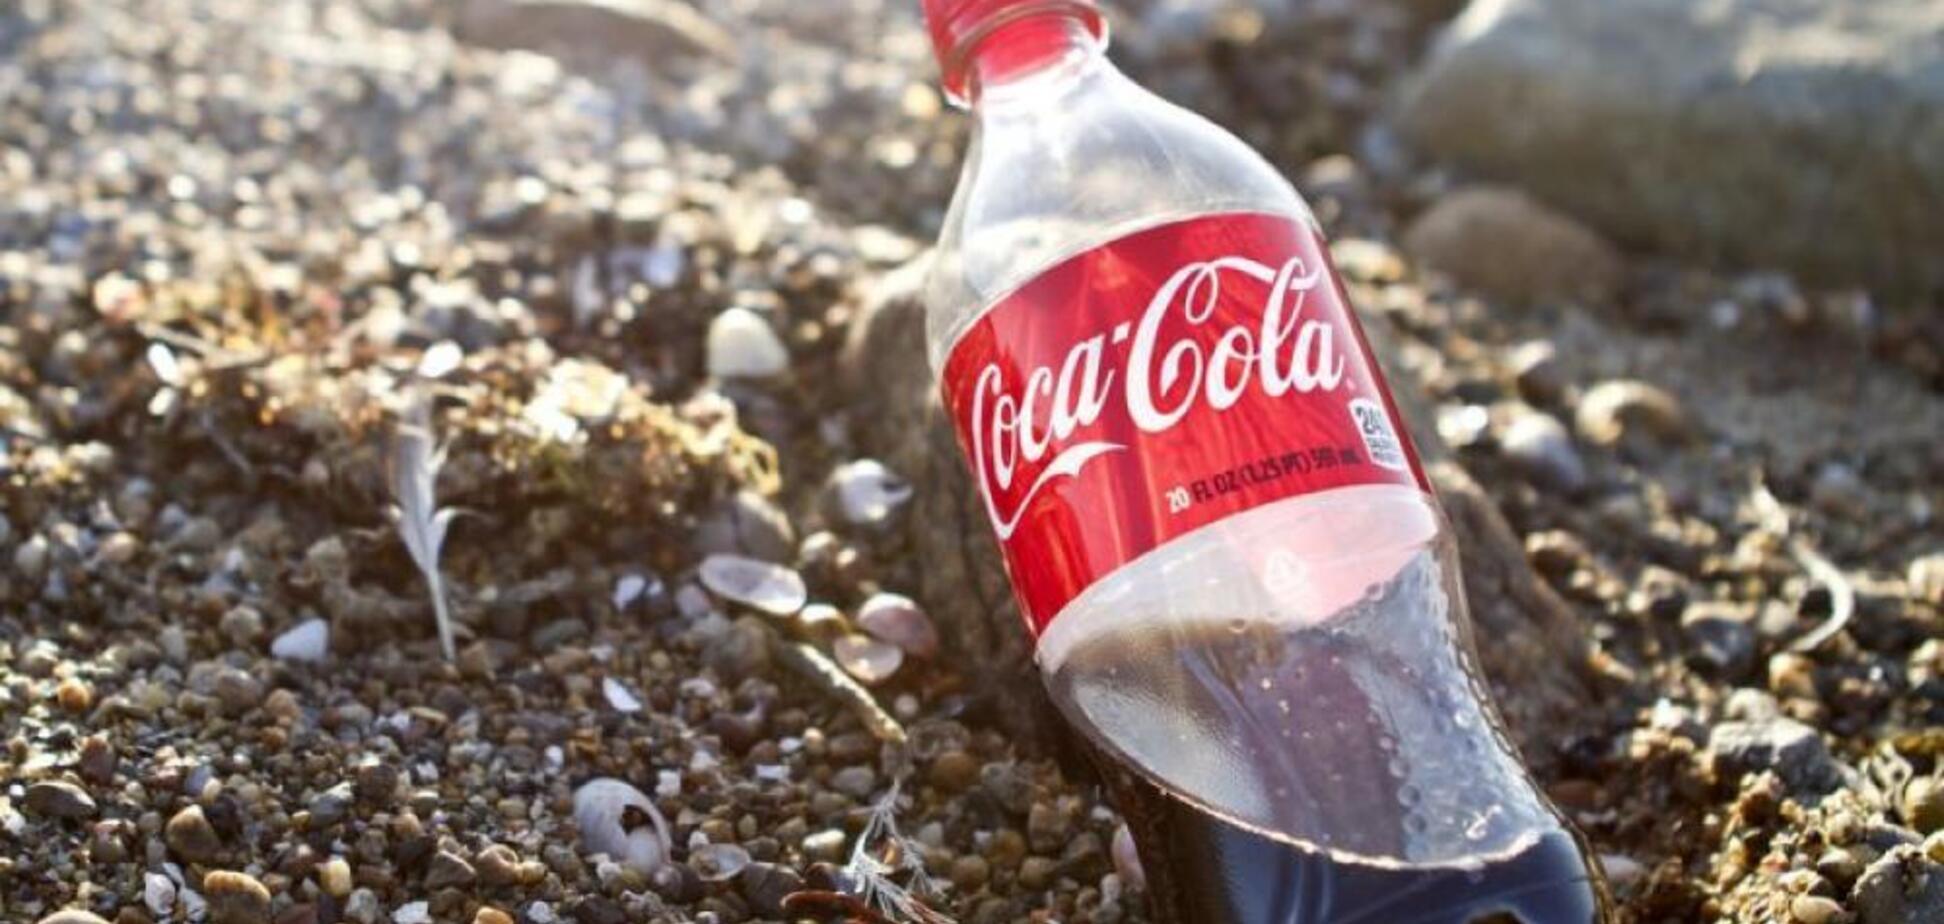 Coca-Cola раптово вирішила відмовитися від звичайних пляшок: що зміниться